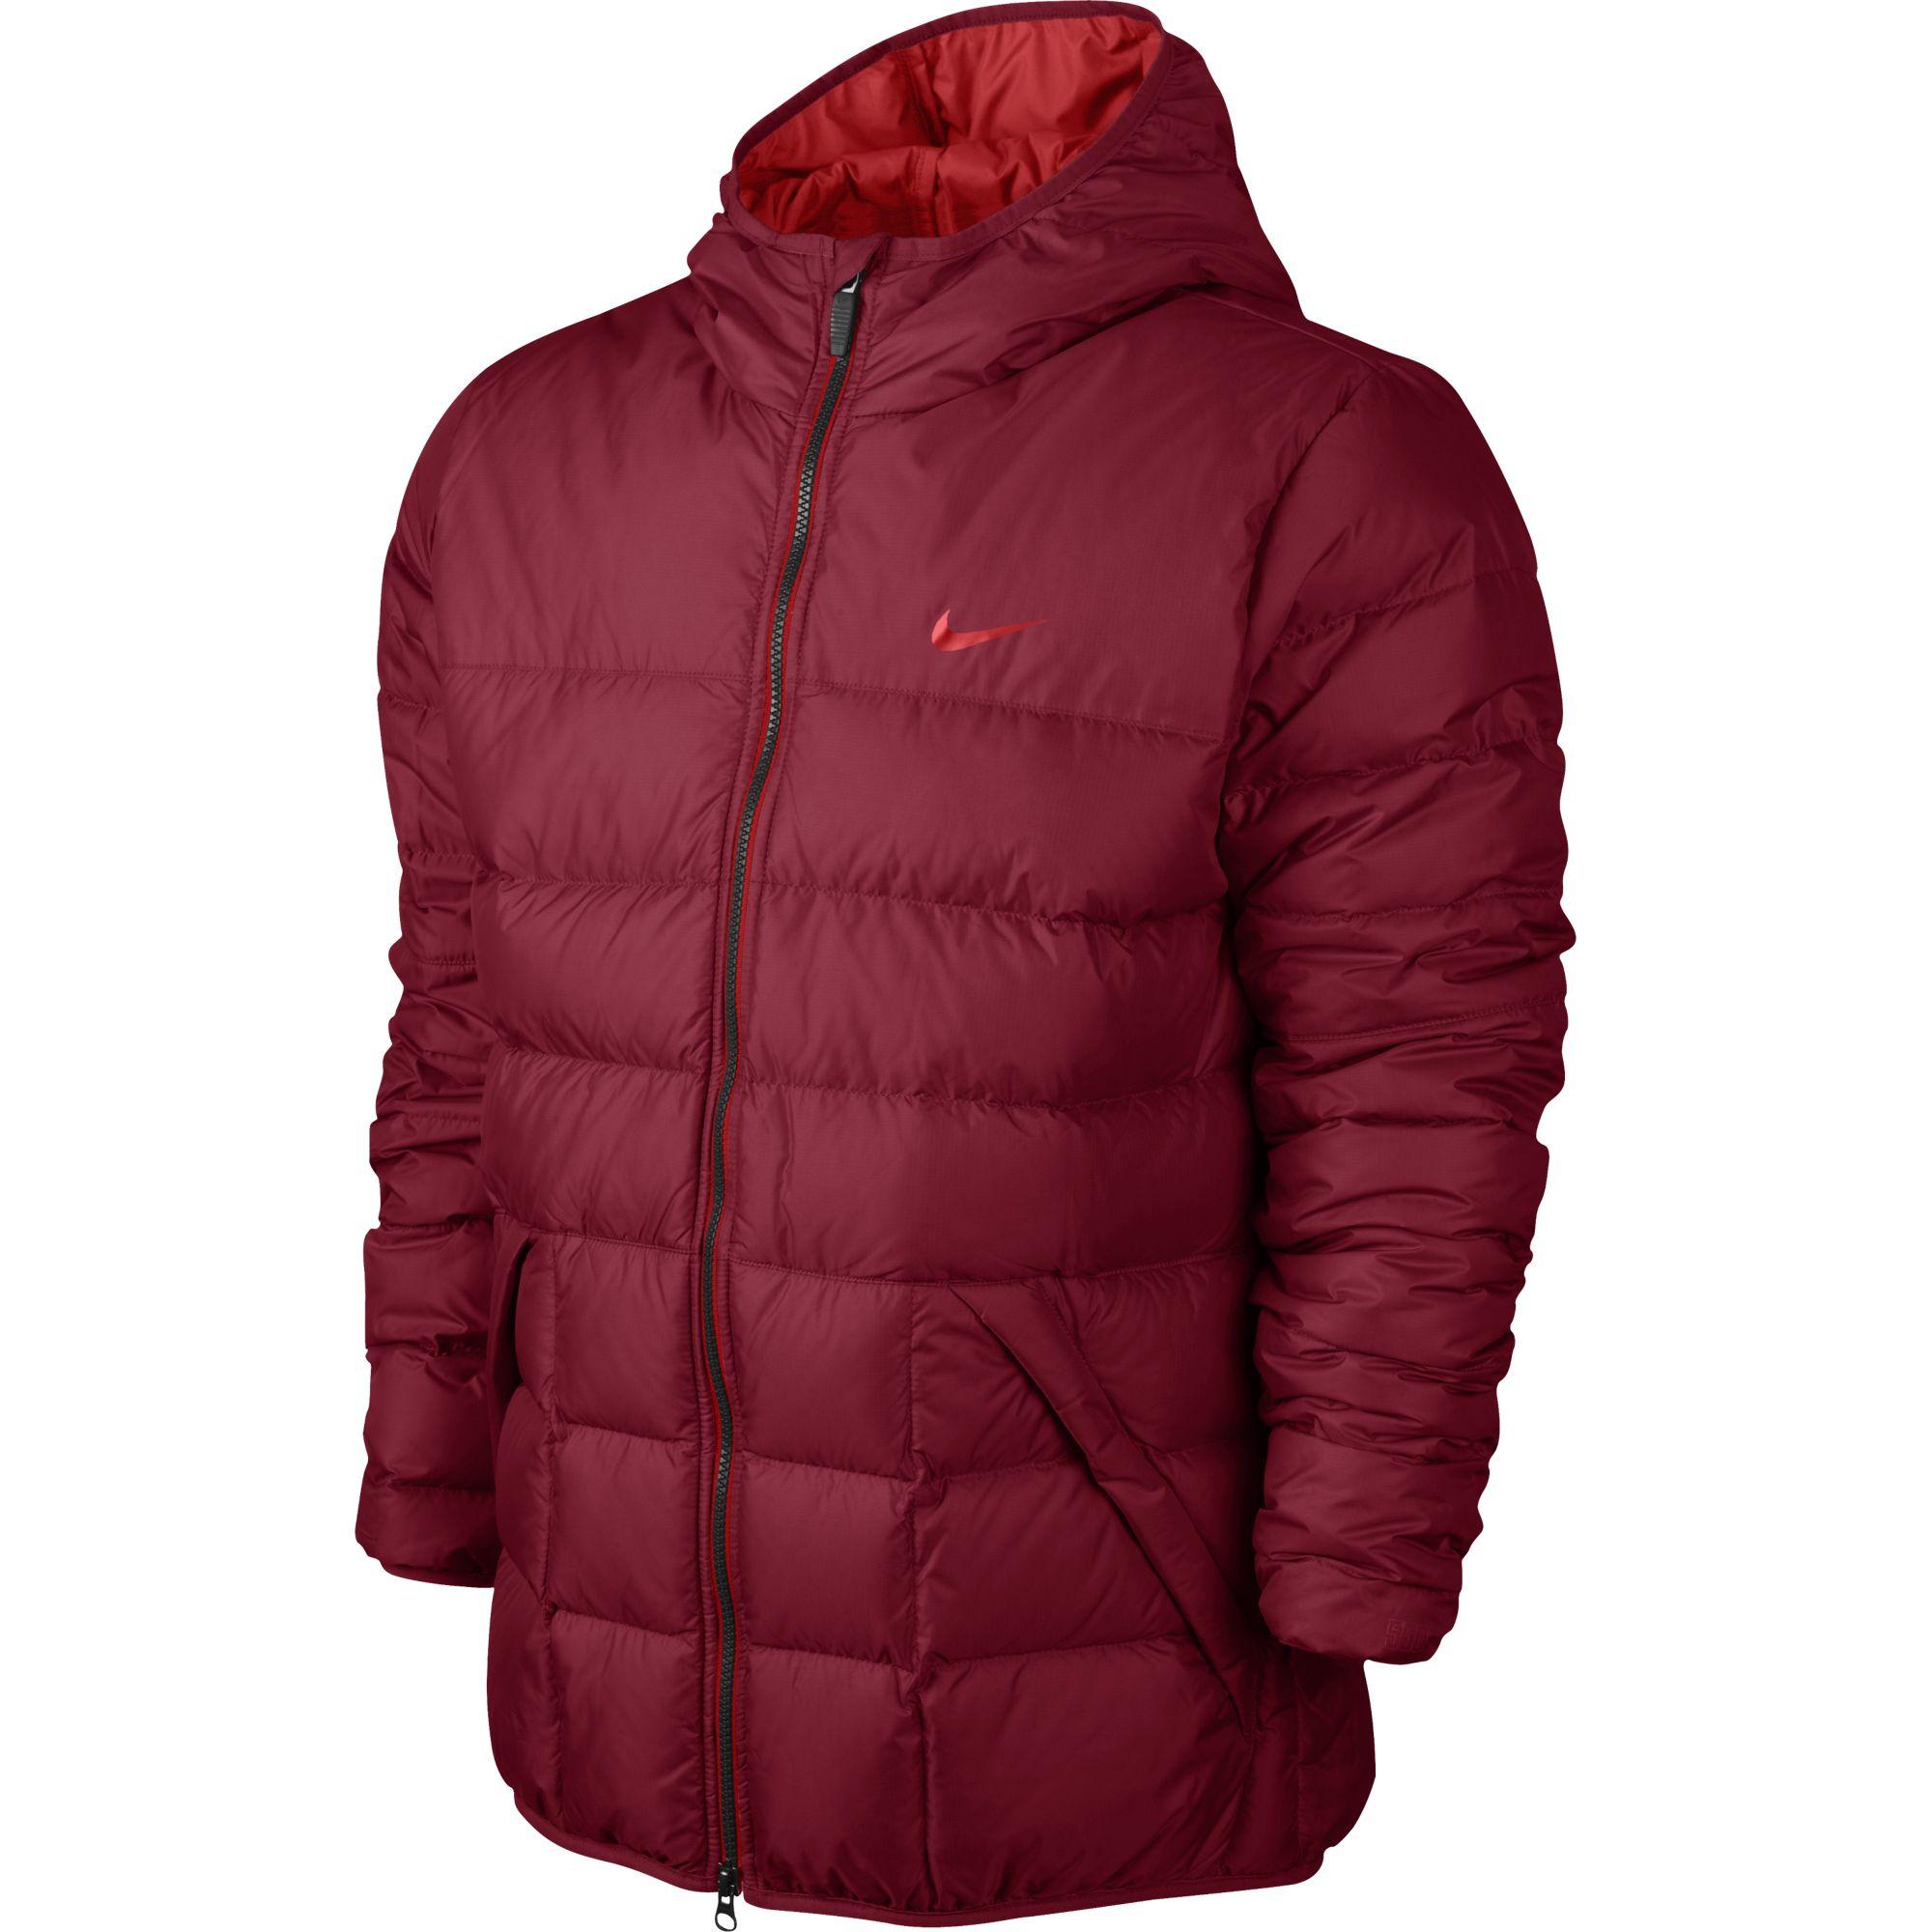 c6bb9e4d Куртка пуховая мужская Nike Alnce 550 - Сеть спортивных магазинов ...